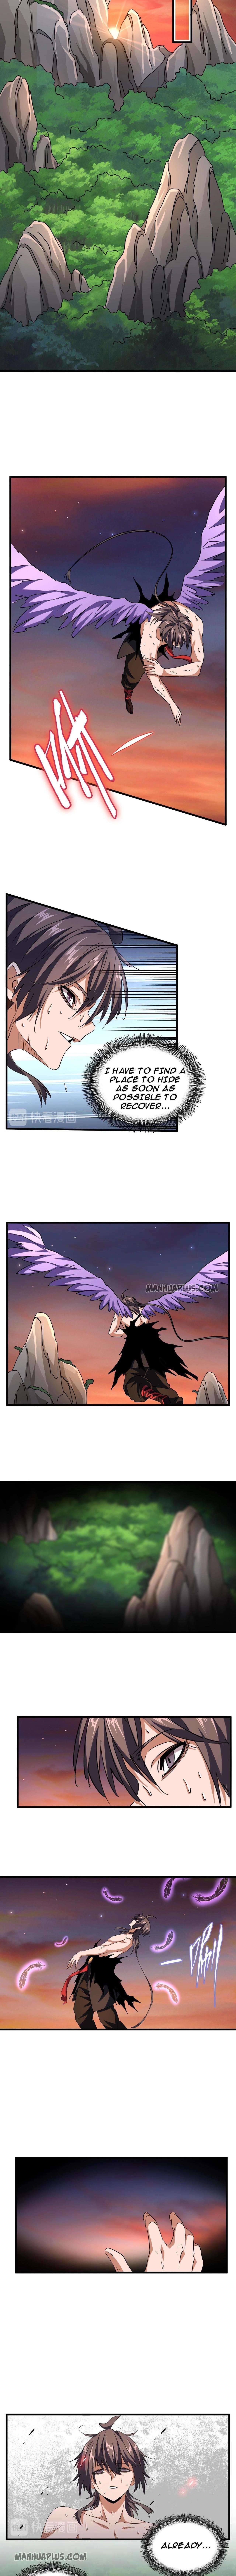 Magic Emperor Chapter 200 page 7 - Mangakakalots.com